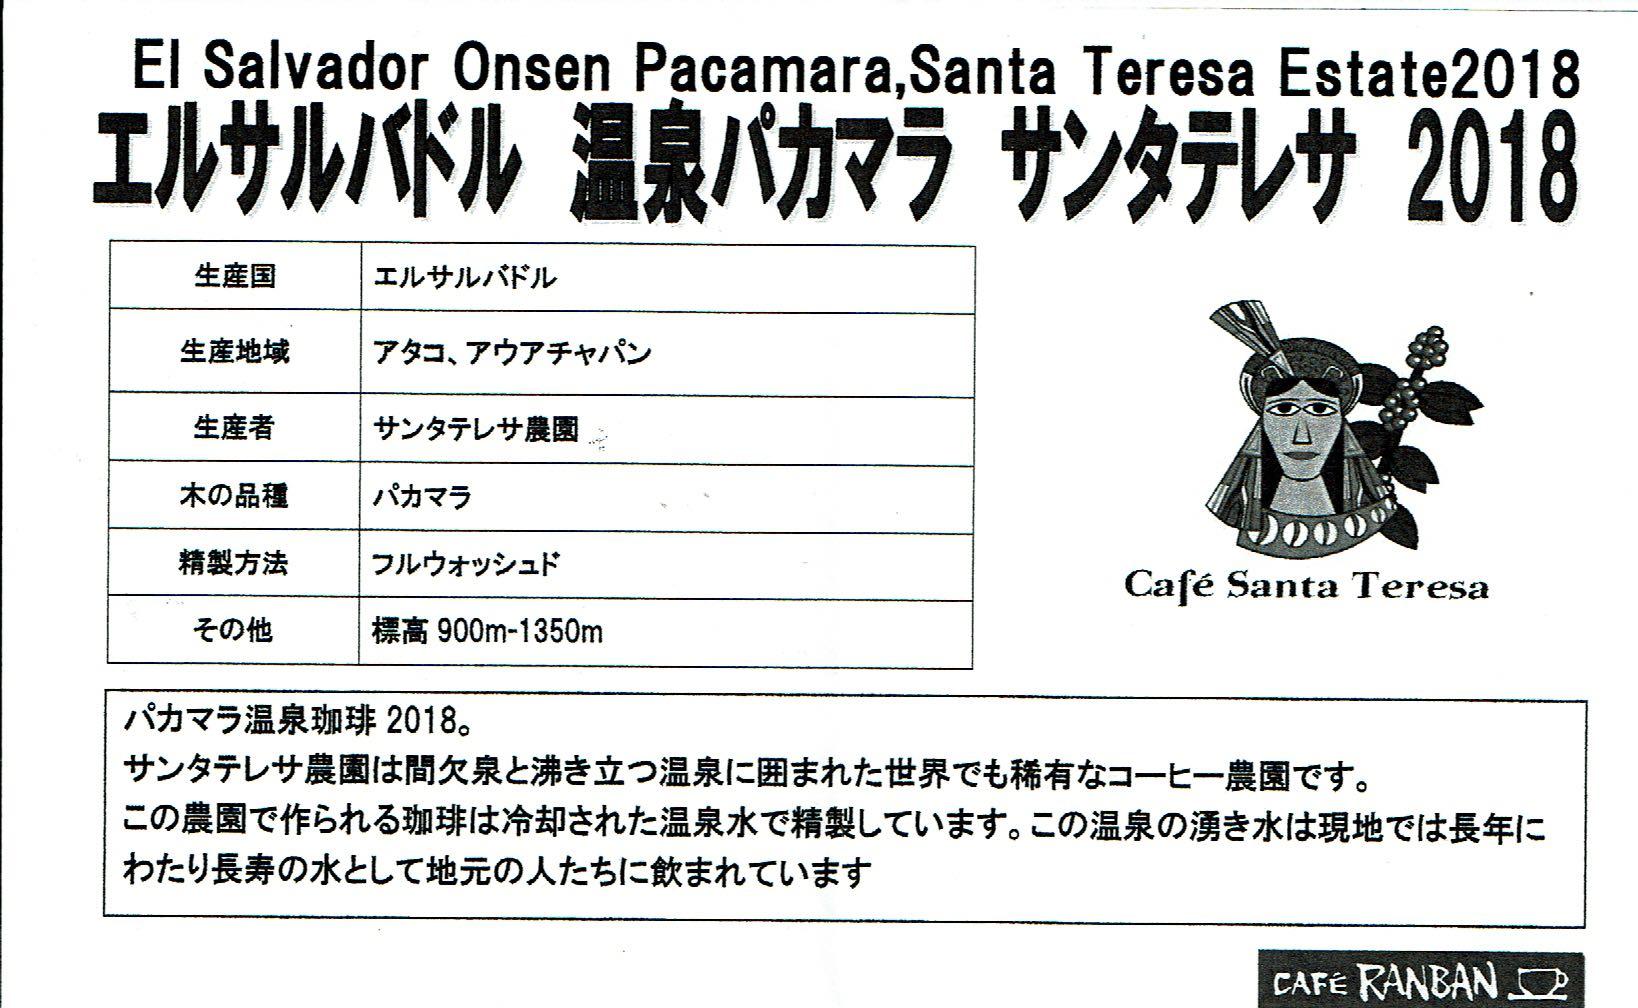 カフェ ランバン:エルサルバドル サンタテレサ農園 温泉パカマラ